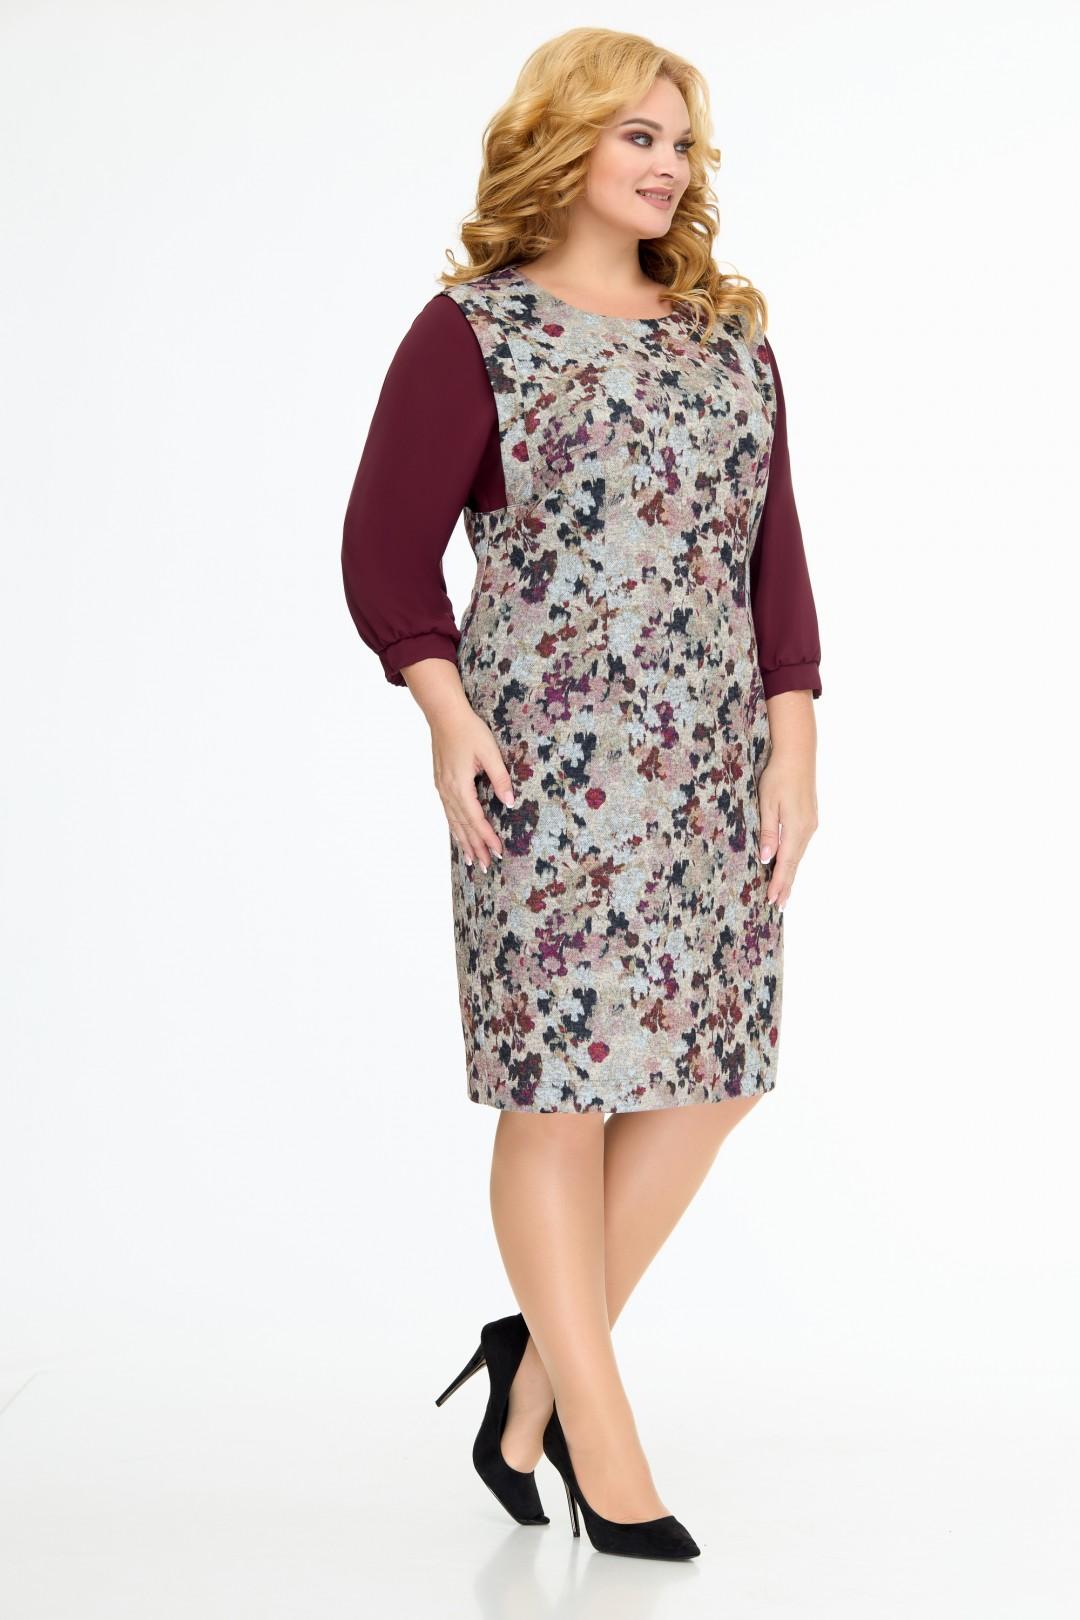 Платье СлавияЭлит 465